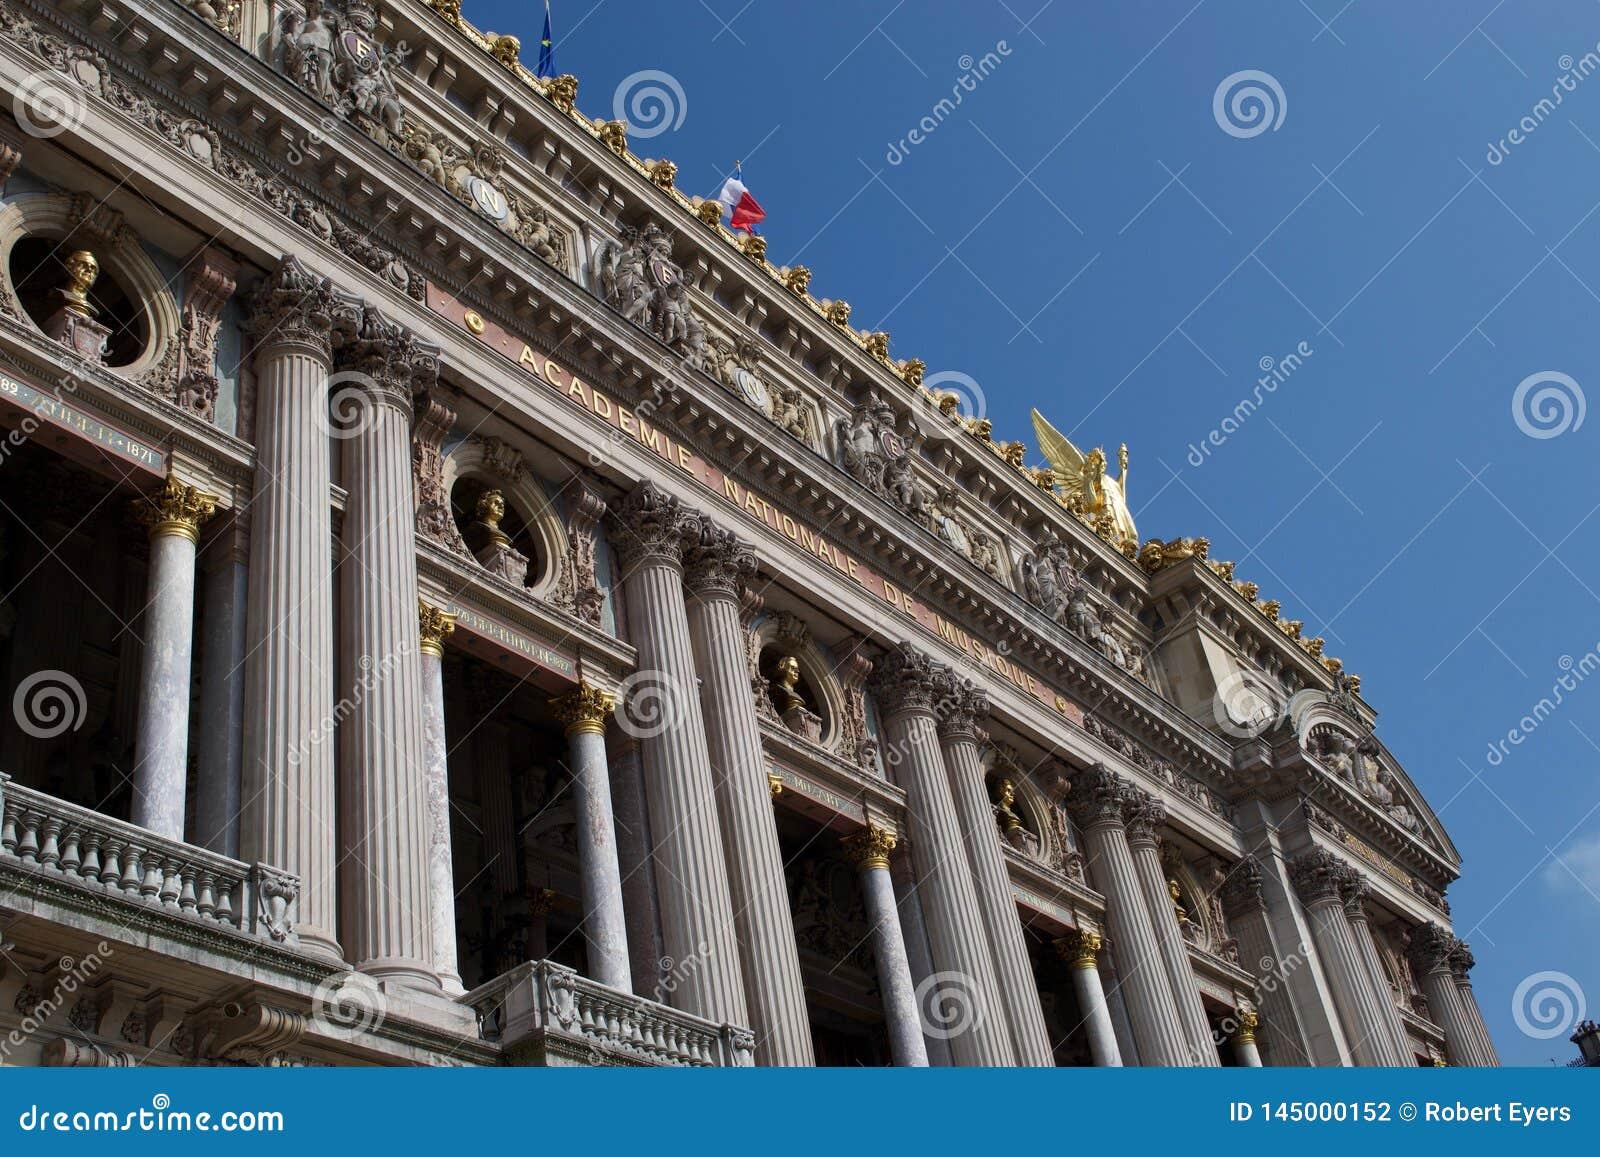 对巴黎歌剧院- Academie Nationale De Muisque -巴黎歌剧法国的入口